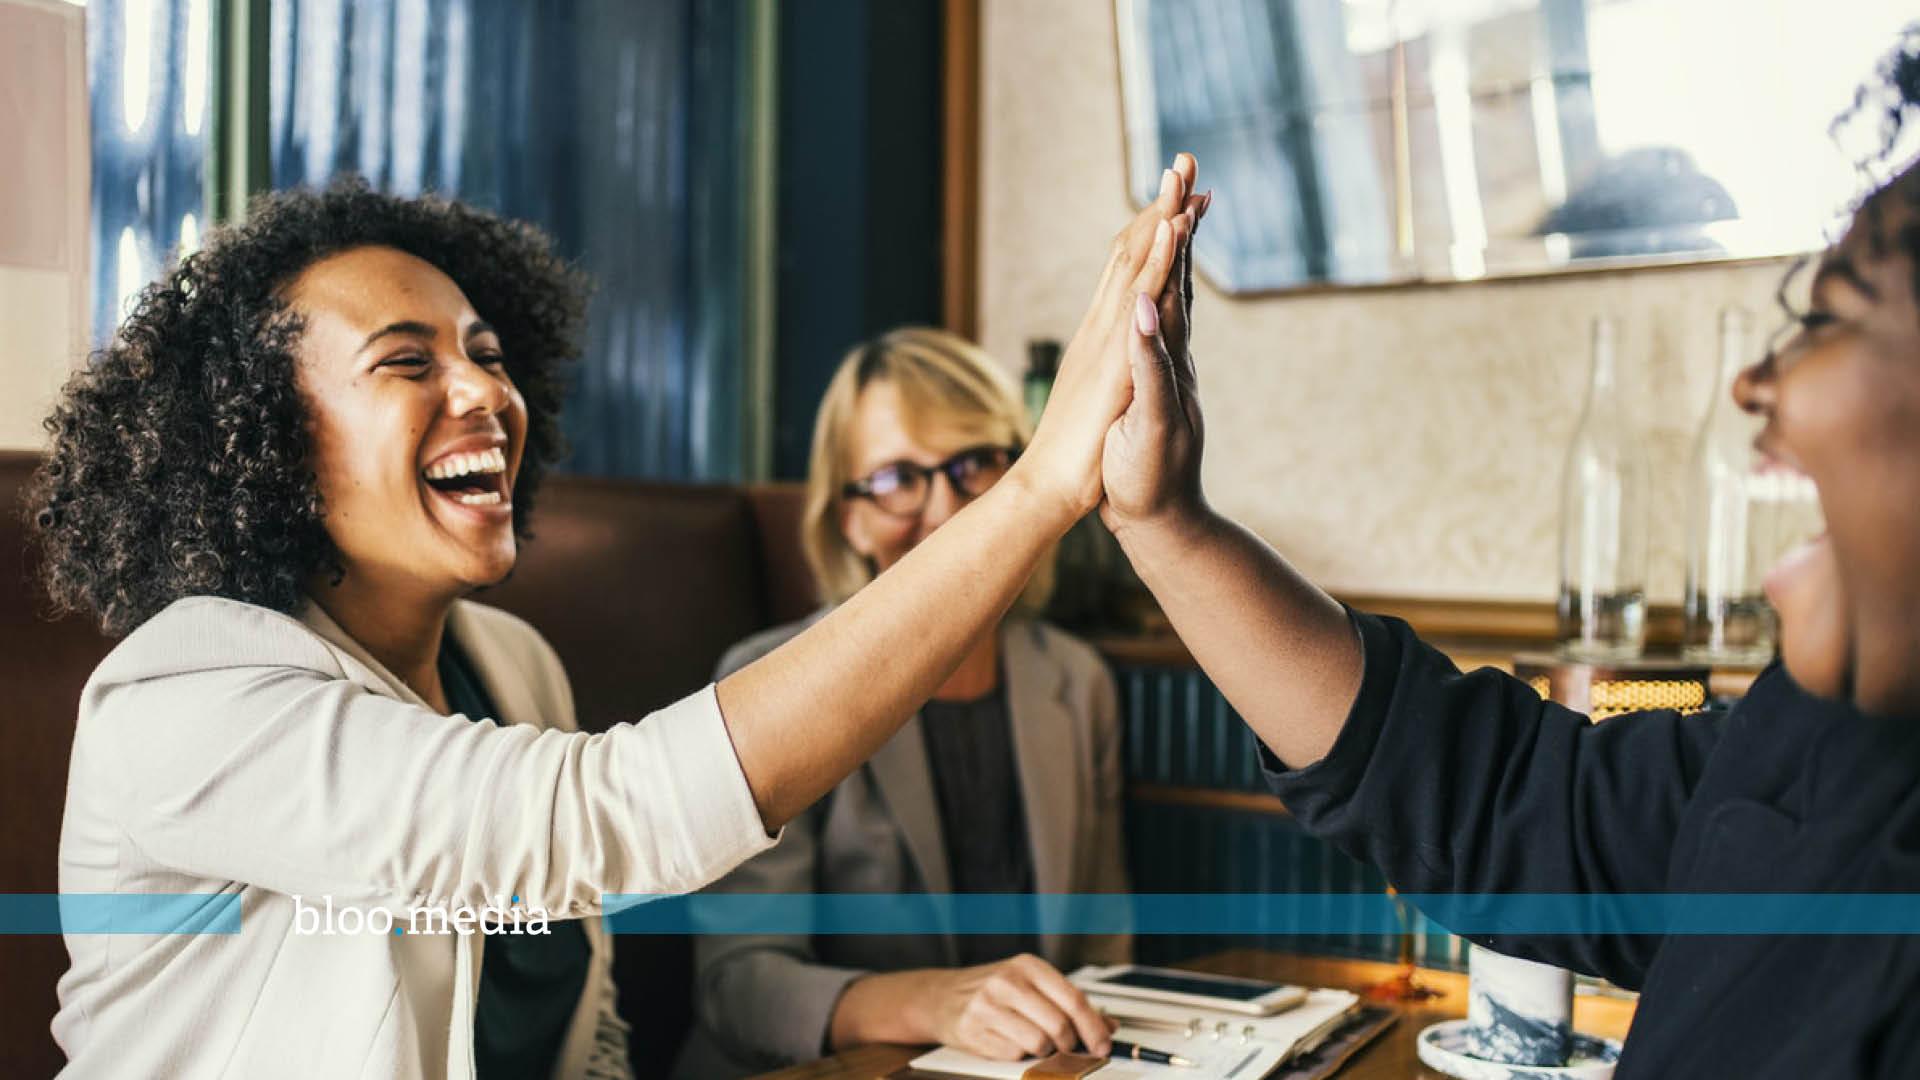 Engagement. Qué es y cómo puede ayudar a tu empresa